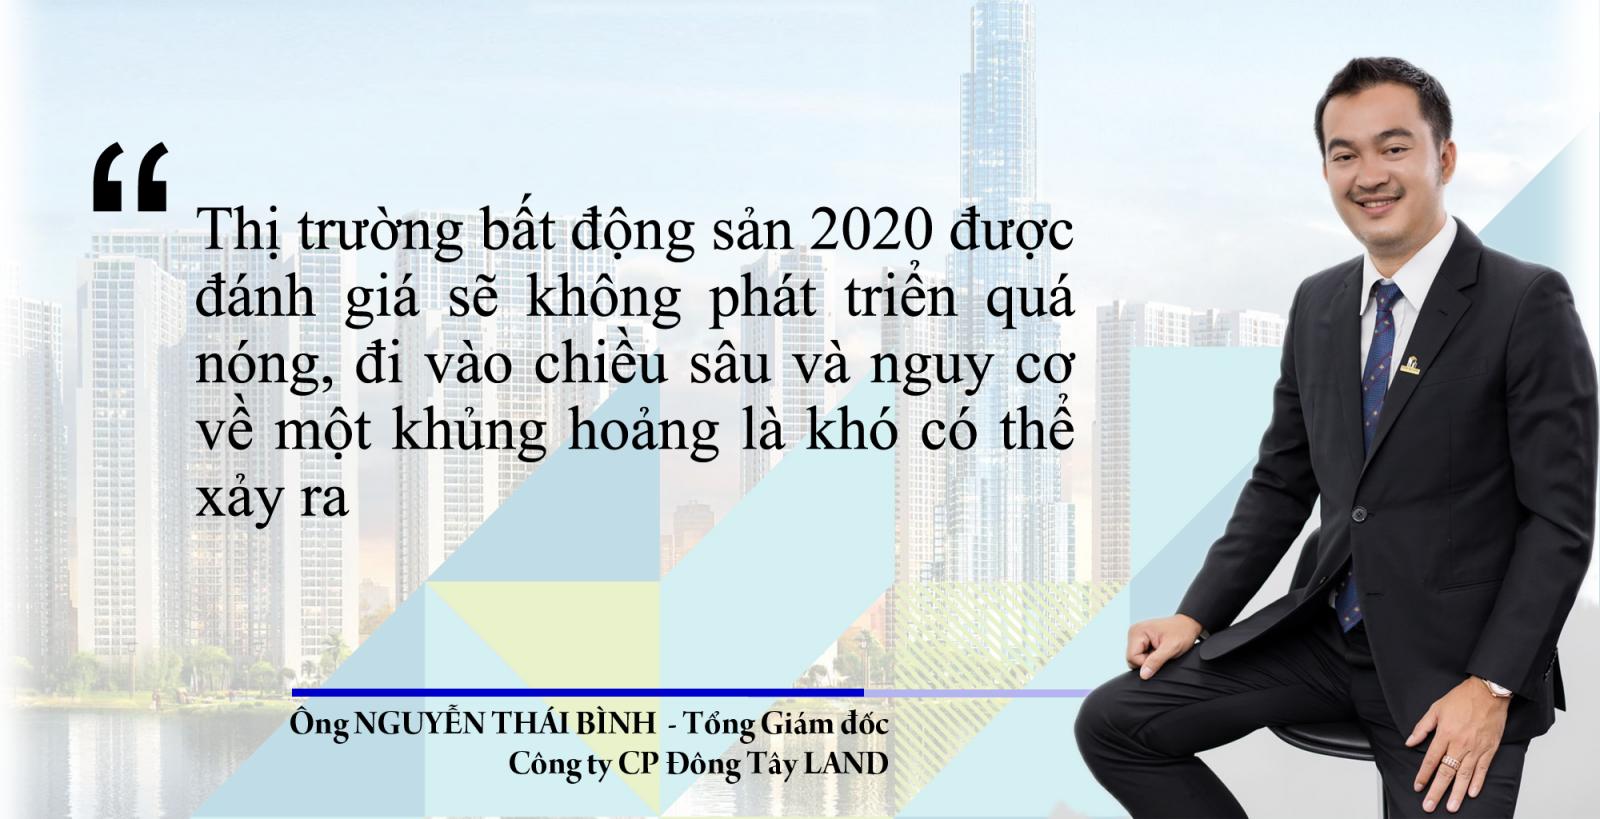 Chân dung một người đàn ông trẻ mặc vest đen đang cười, ngồi trên ghế  Dự cảm thị trường BĐS năm 2020 (Kỳ 1): Góc nhìn tích cực từ doanh nghiệp 20200110095521 b396